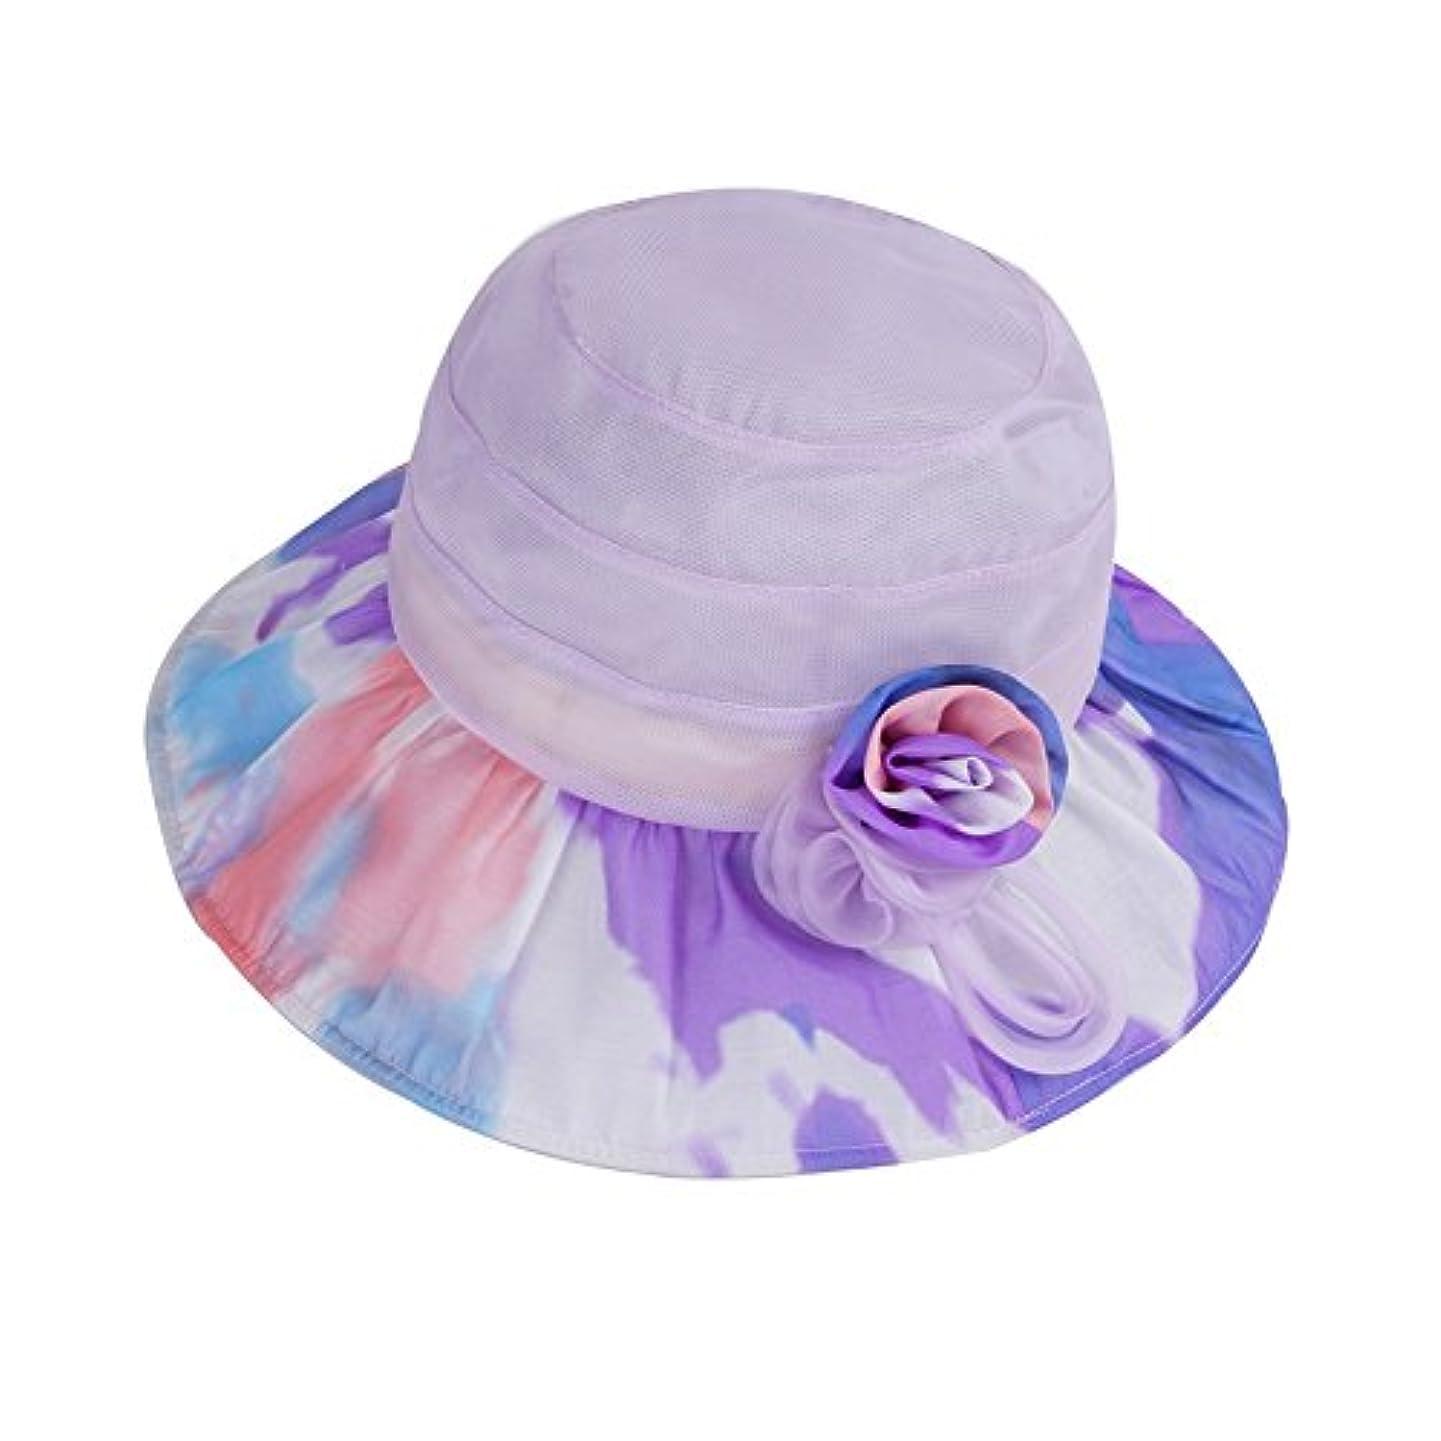 うるさい弾丸奨励しますsunhat女性の夏レジャー休暇日の帽子シルクの屋外日光の韓国語バージョン旅行のビーチ ( 色 : #2 )